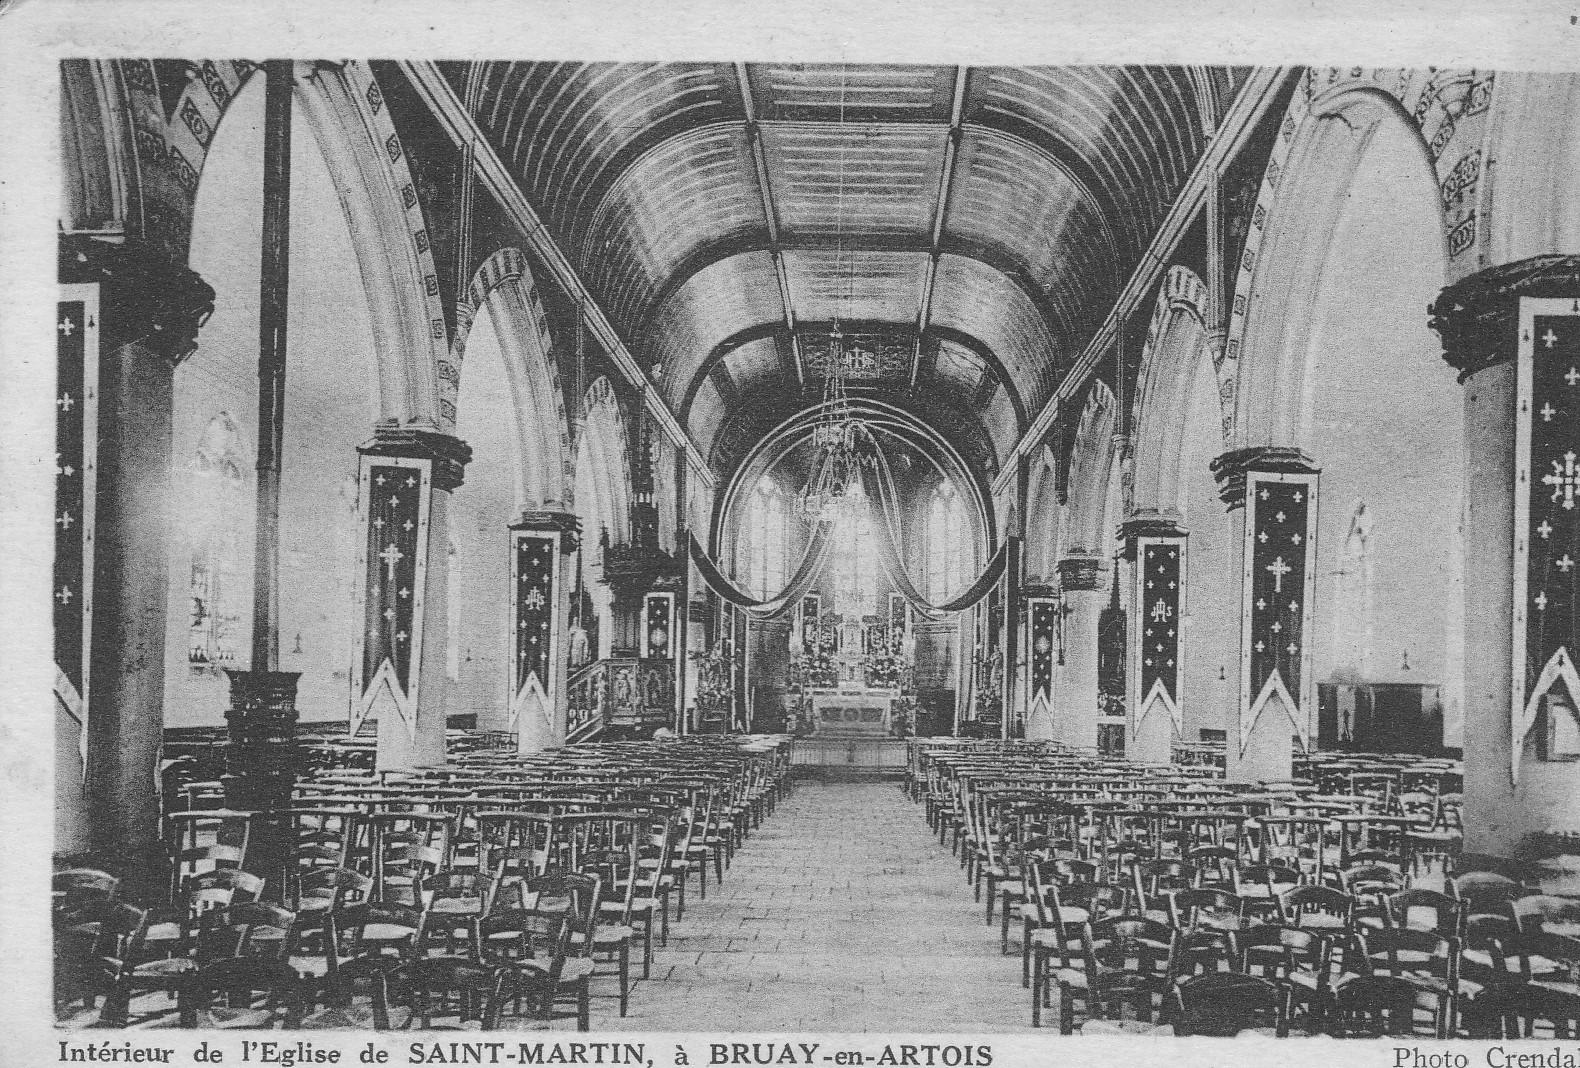 Bruay-en-Artois -  Intérieur de l'Eglise de SAINT-MARTIN, à BRUAY-en-ARTOIS / Photo CrendalPas de N°.